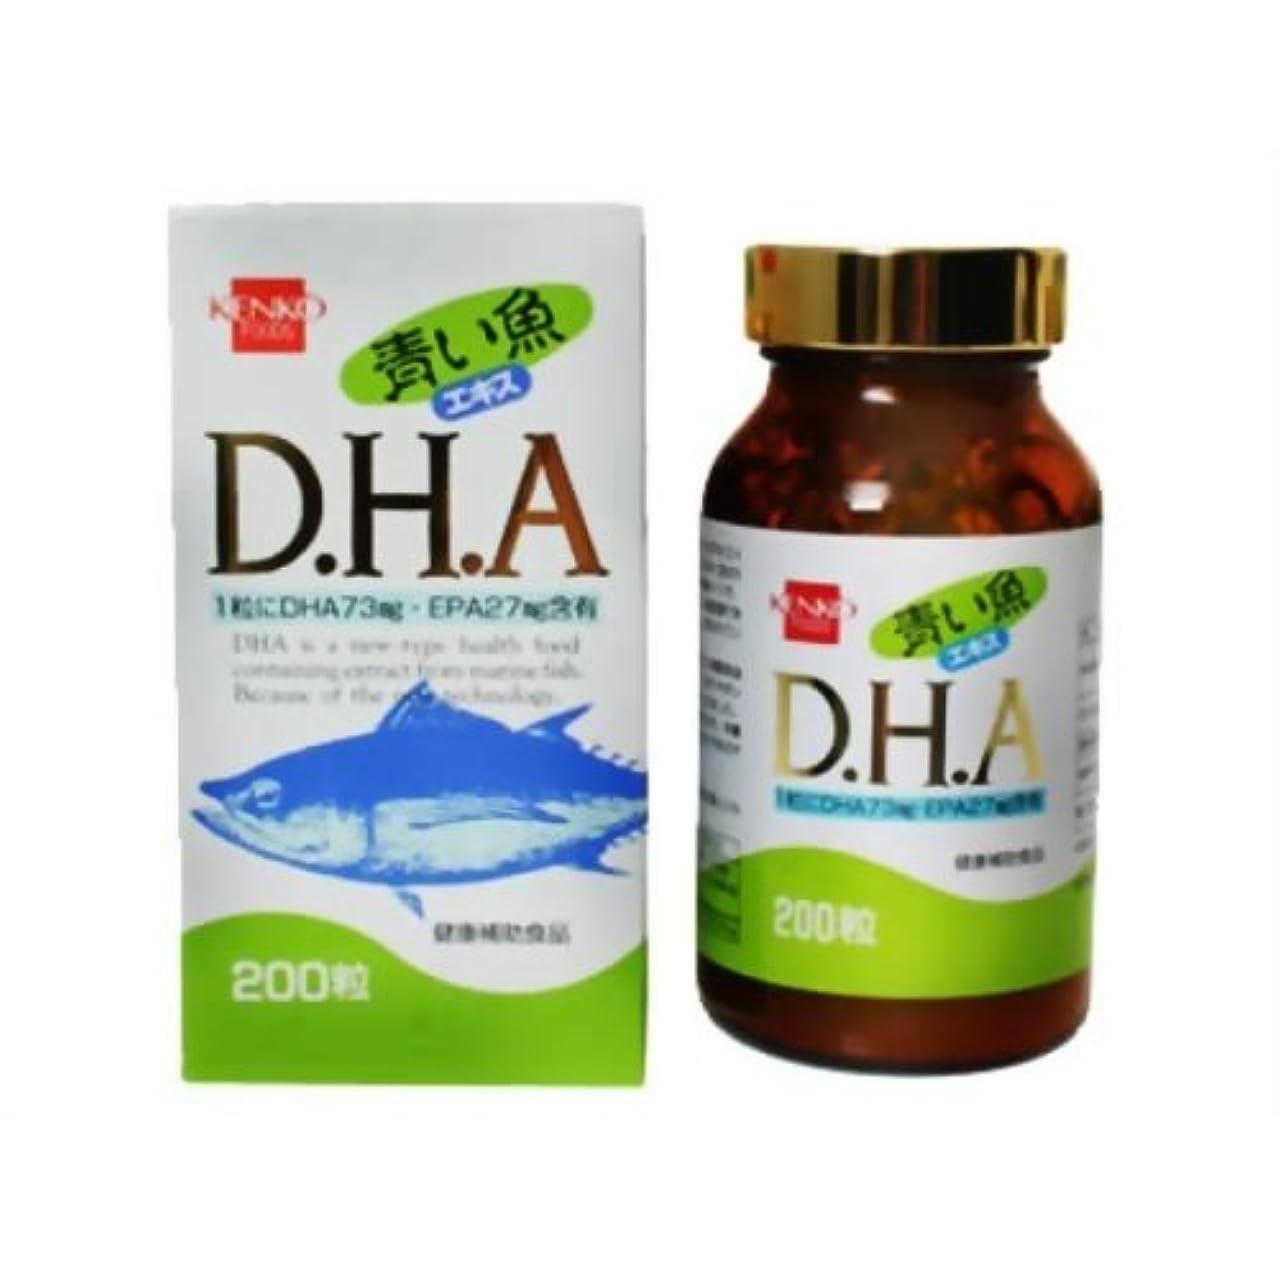 受け継ぐ安価なボット健康フーズ 青い魚エキス DHA 200粒